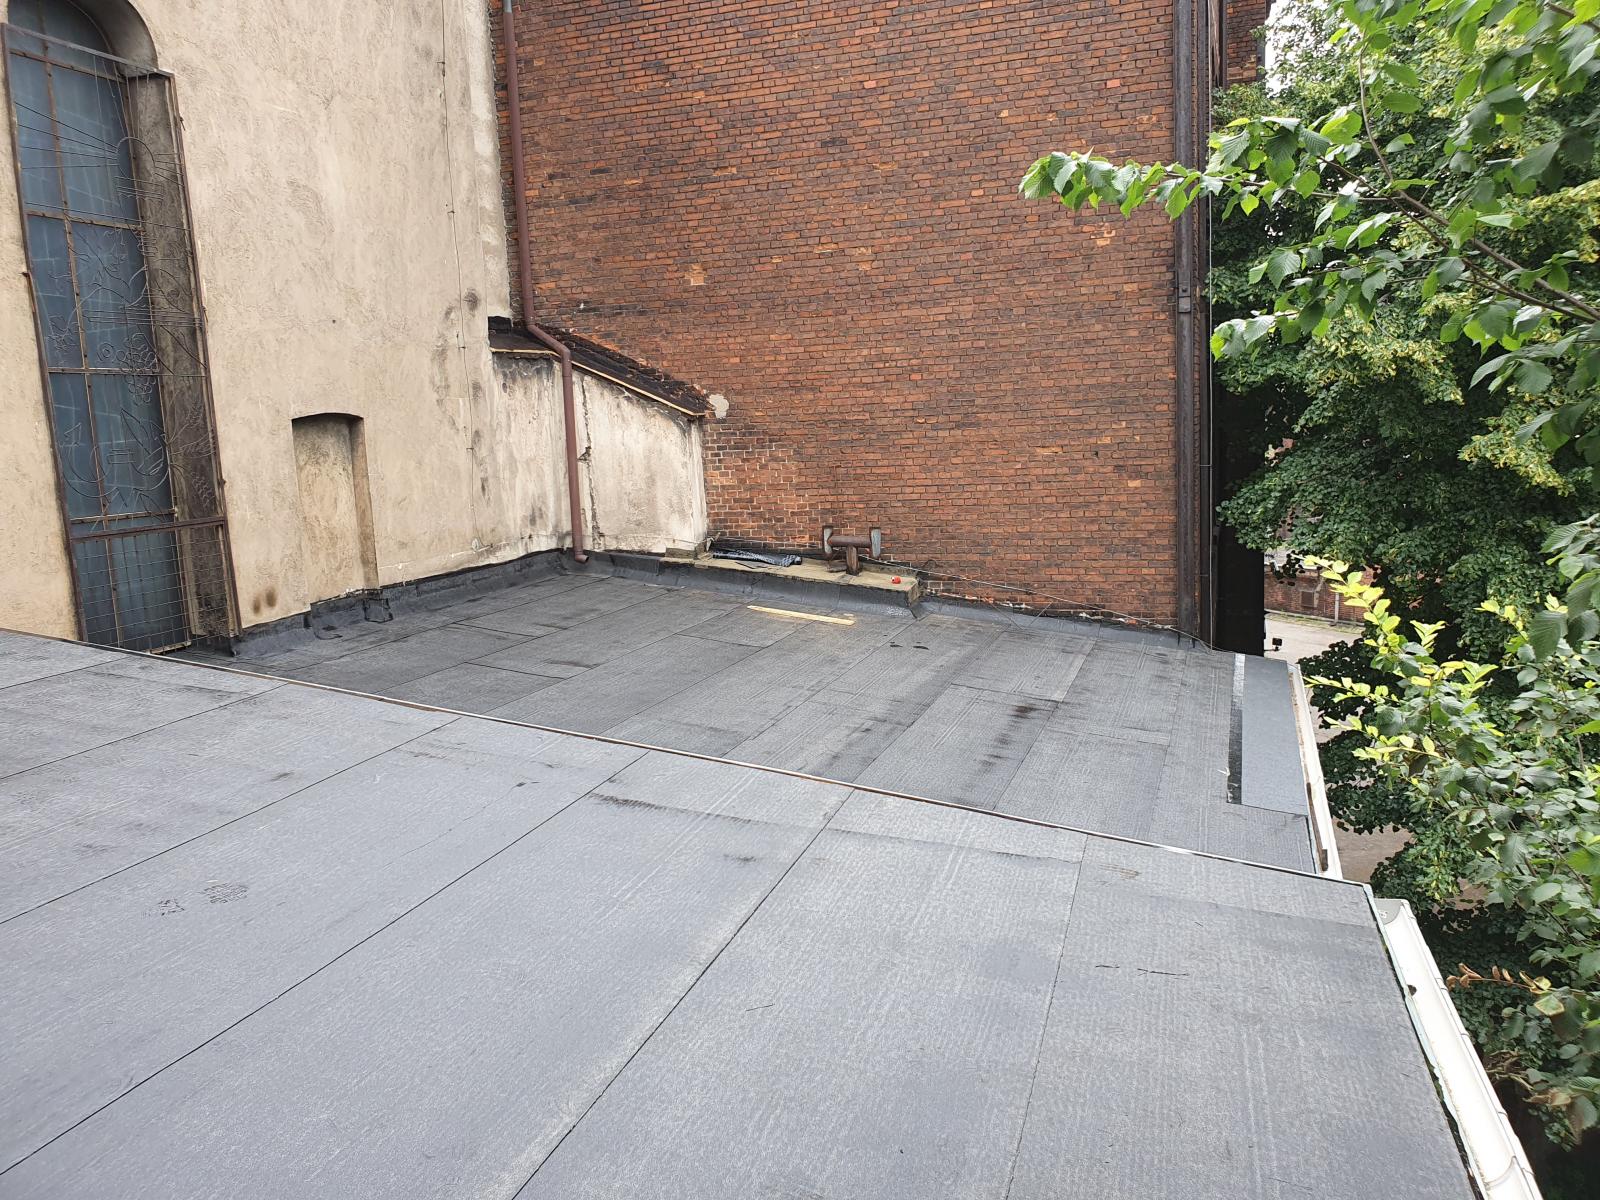 9.07.2021 - Remont dachów nad kaplicą i zakrystiami. Ciąg dalszy prac.